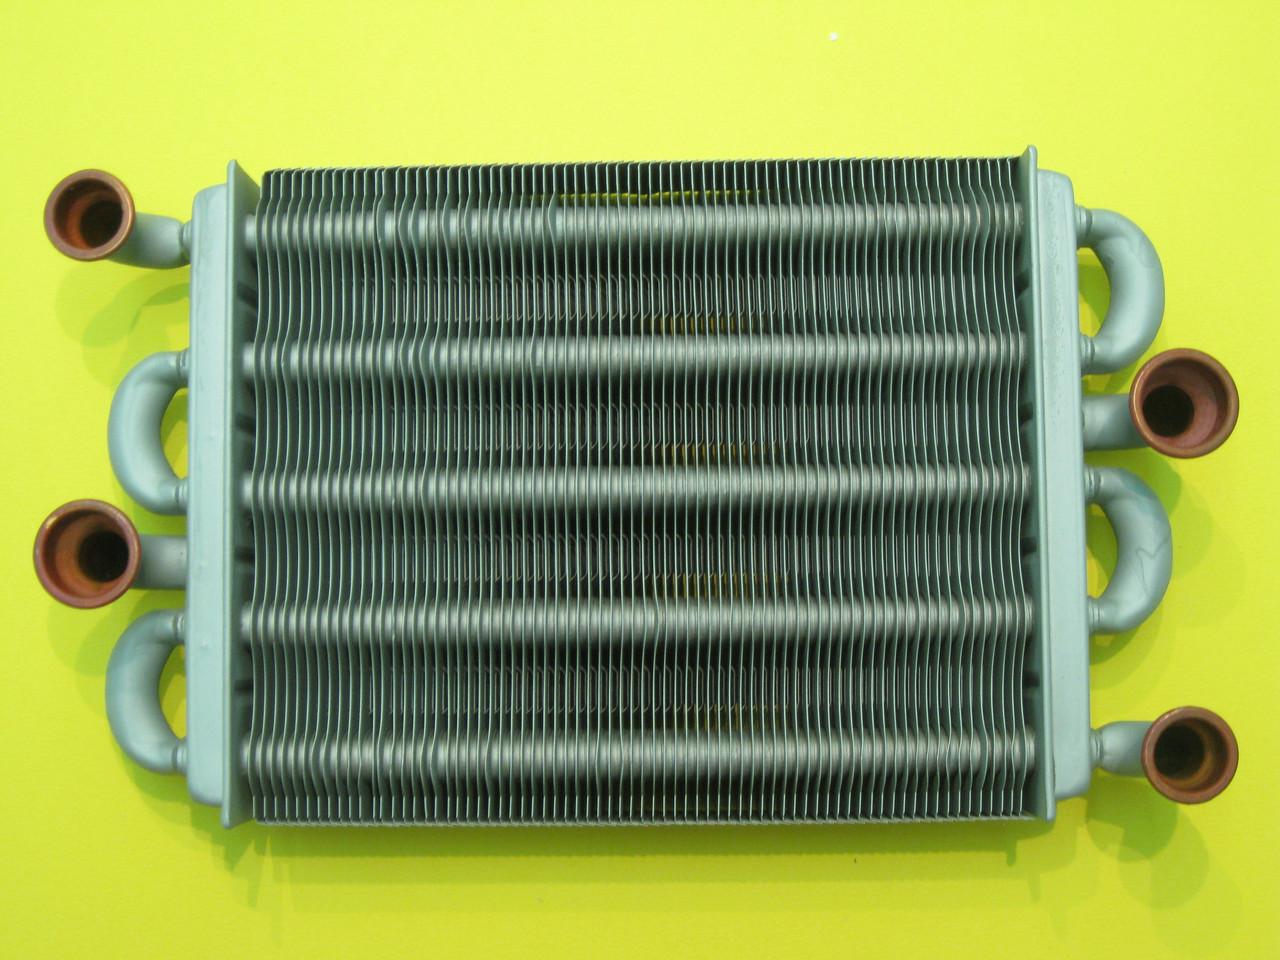 Битермический медный теплообменник купить Сварной кожухопластинчатый теплообменник Машимпэкс (GEA) PSHE-12 Кострома